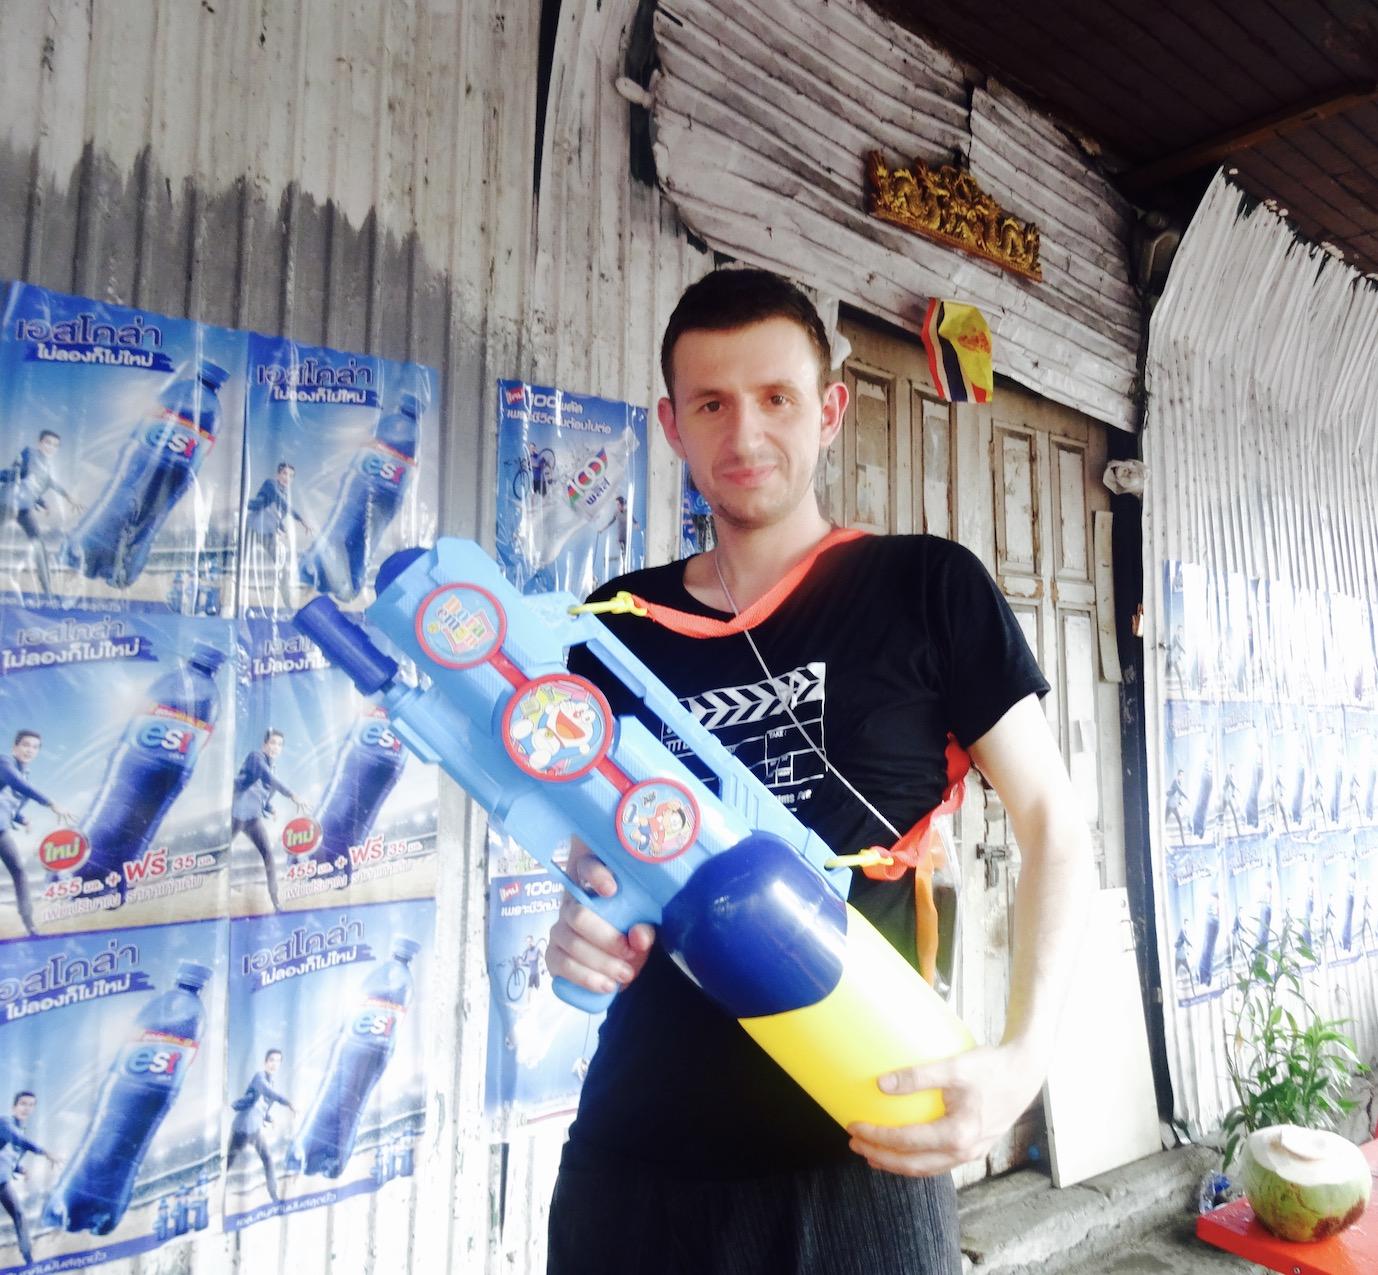 Giant water gun Celebrating Songkran in Bangkok